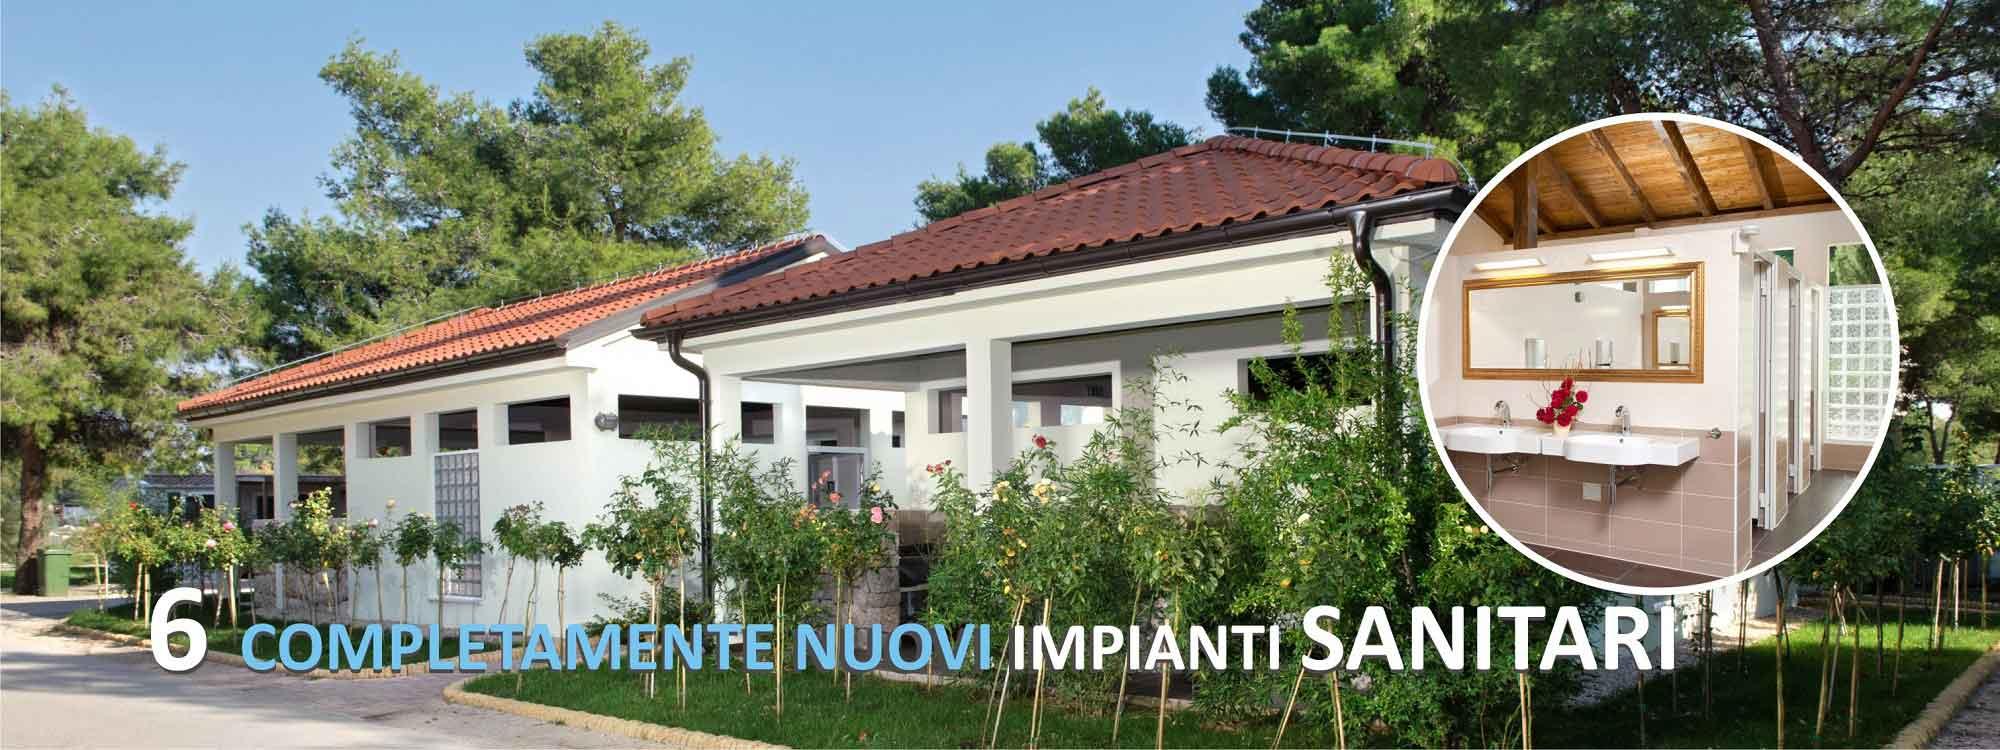 Solaris_camping_beach_resort_croazia_offerta_nuovi_impianti_sanitari